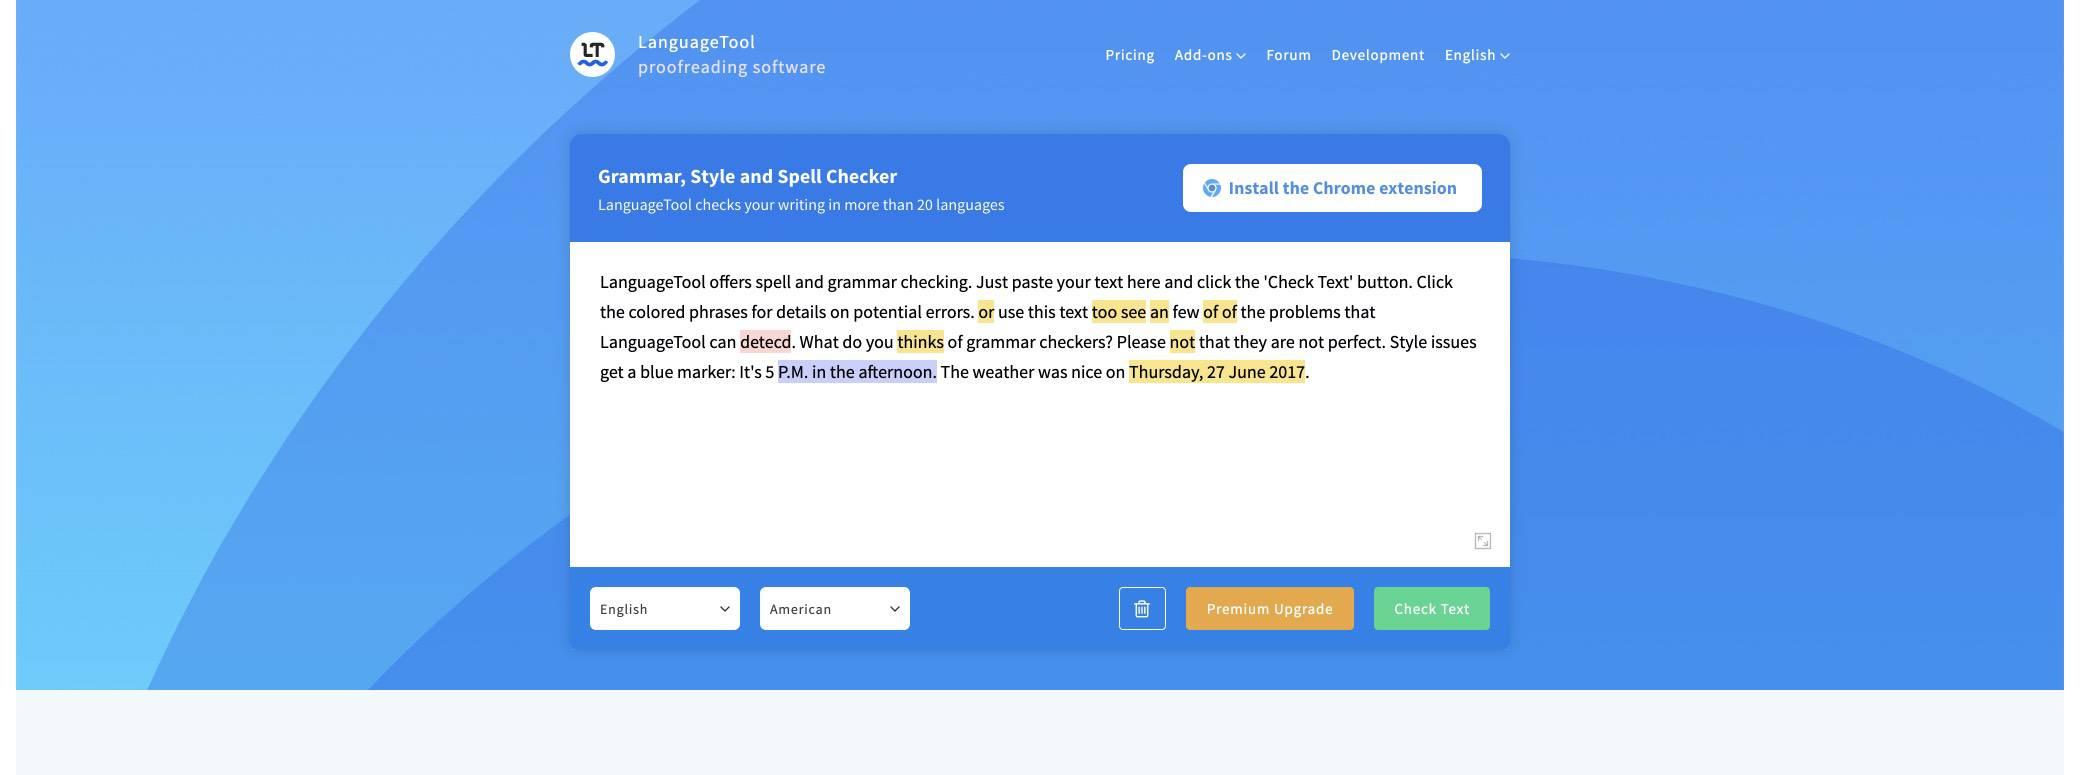 language-tool screenshot